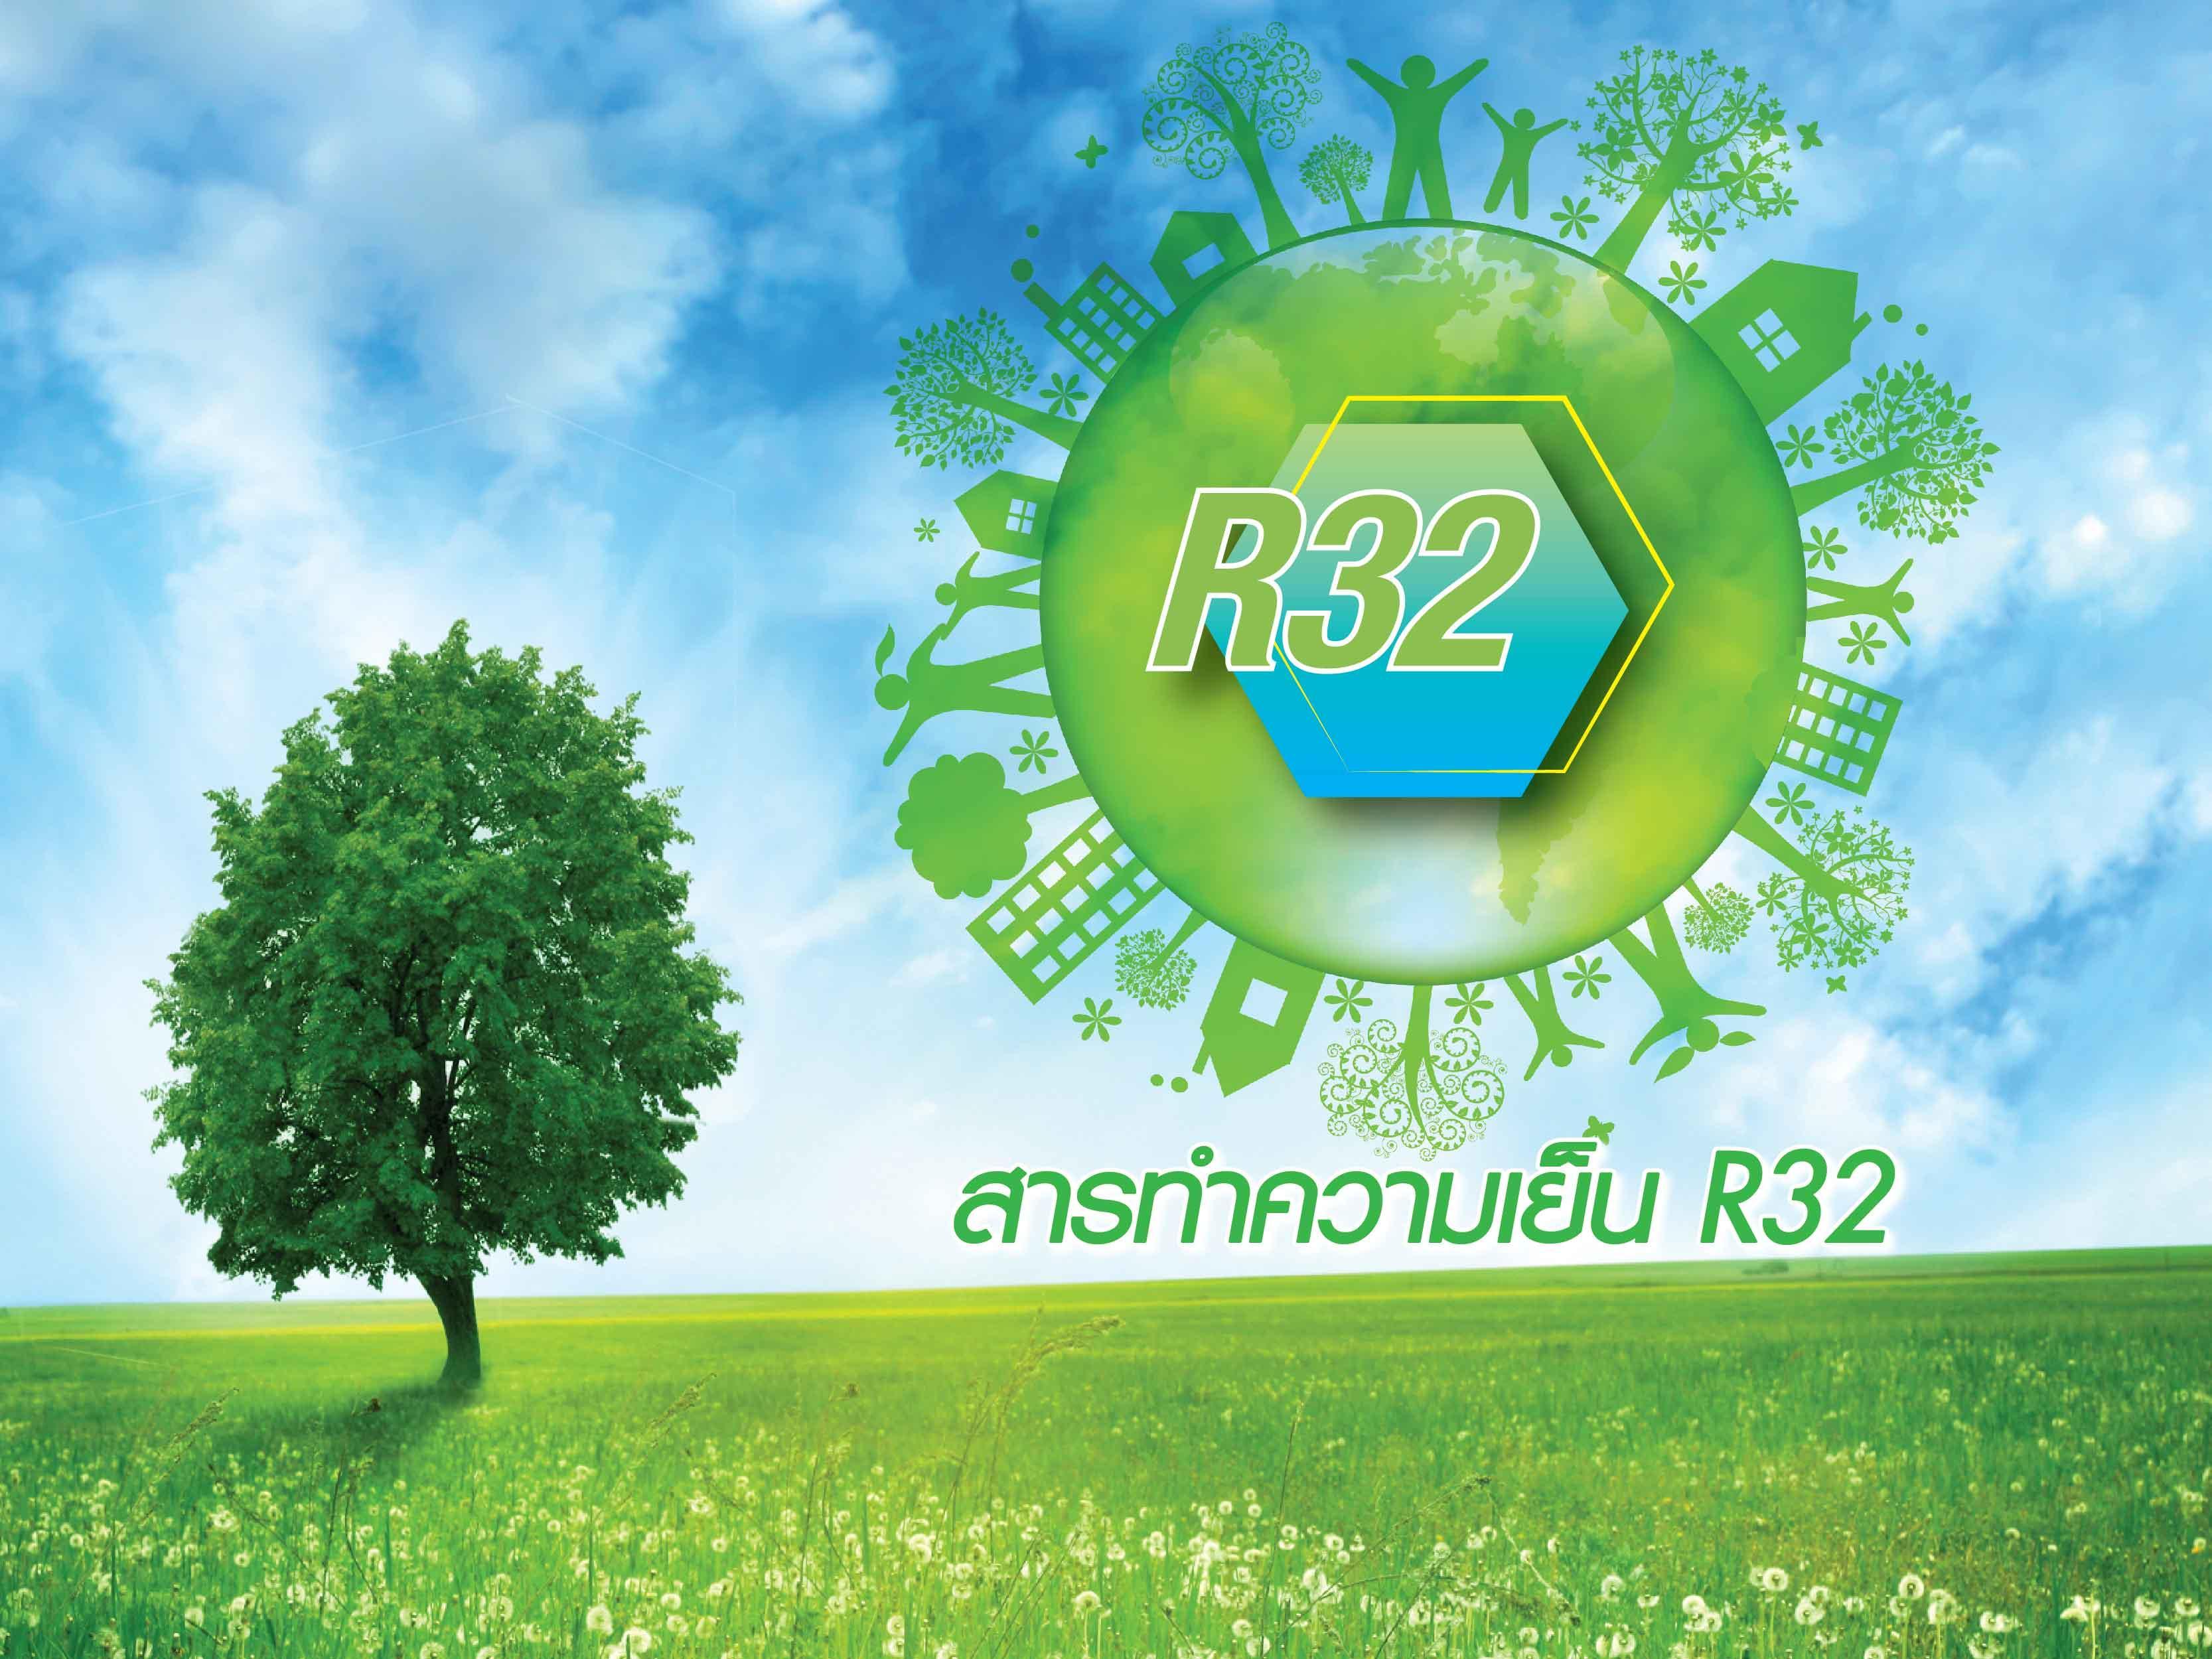 Yeni Nesil Soğutucu Akışkan R-32 Hakkındaki Son Gelişmeler ve Kigali Anlaşmasının Getirdikleri